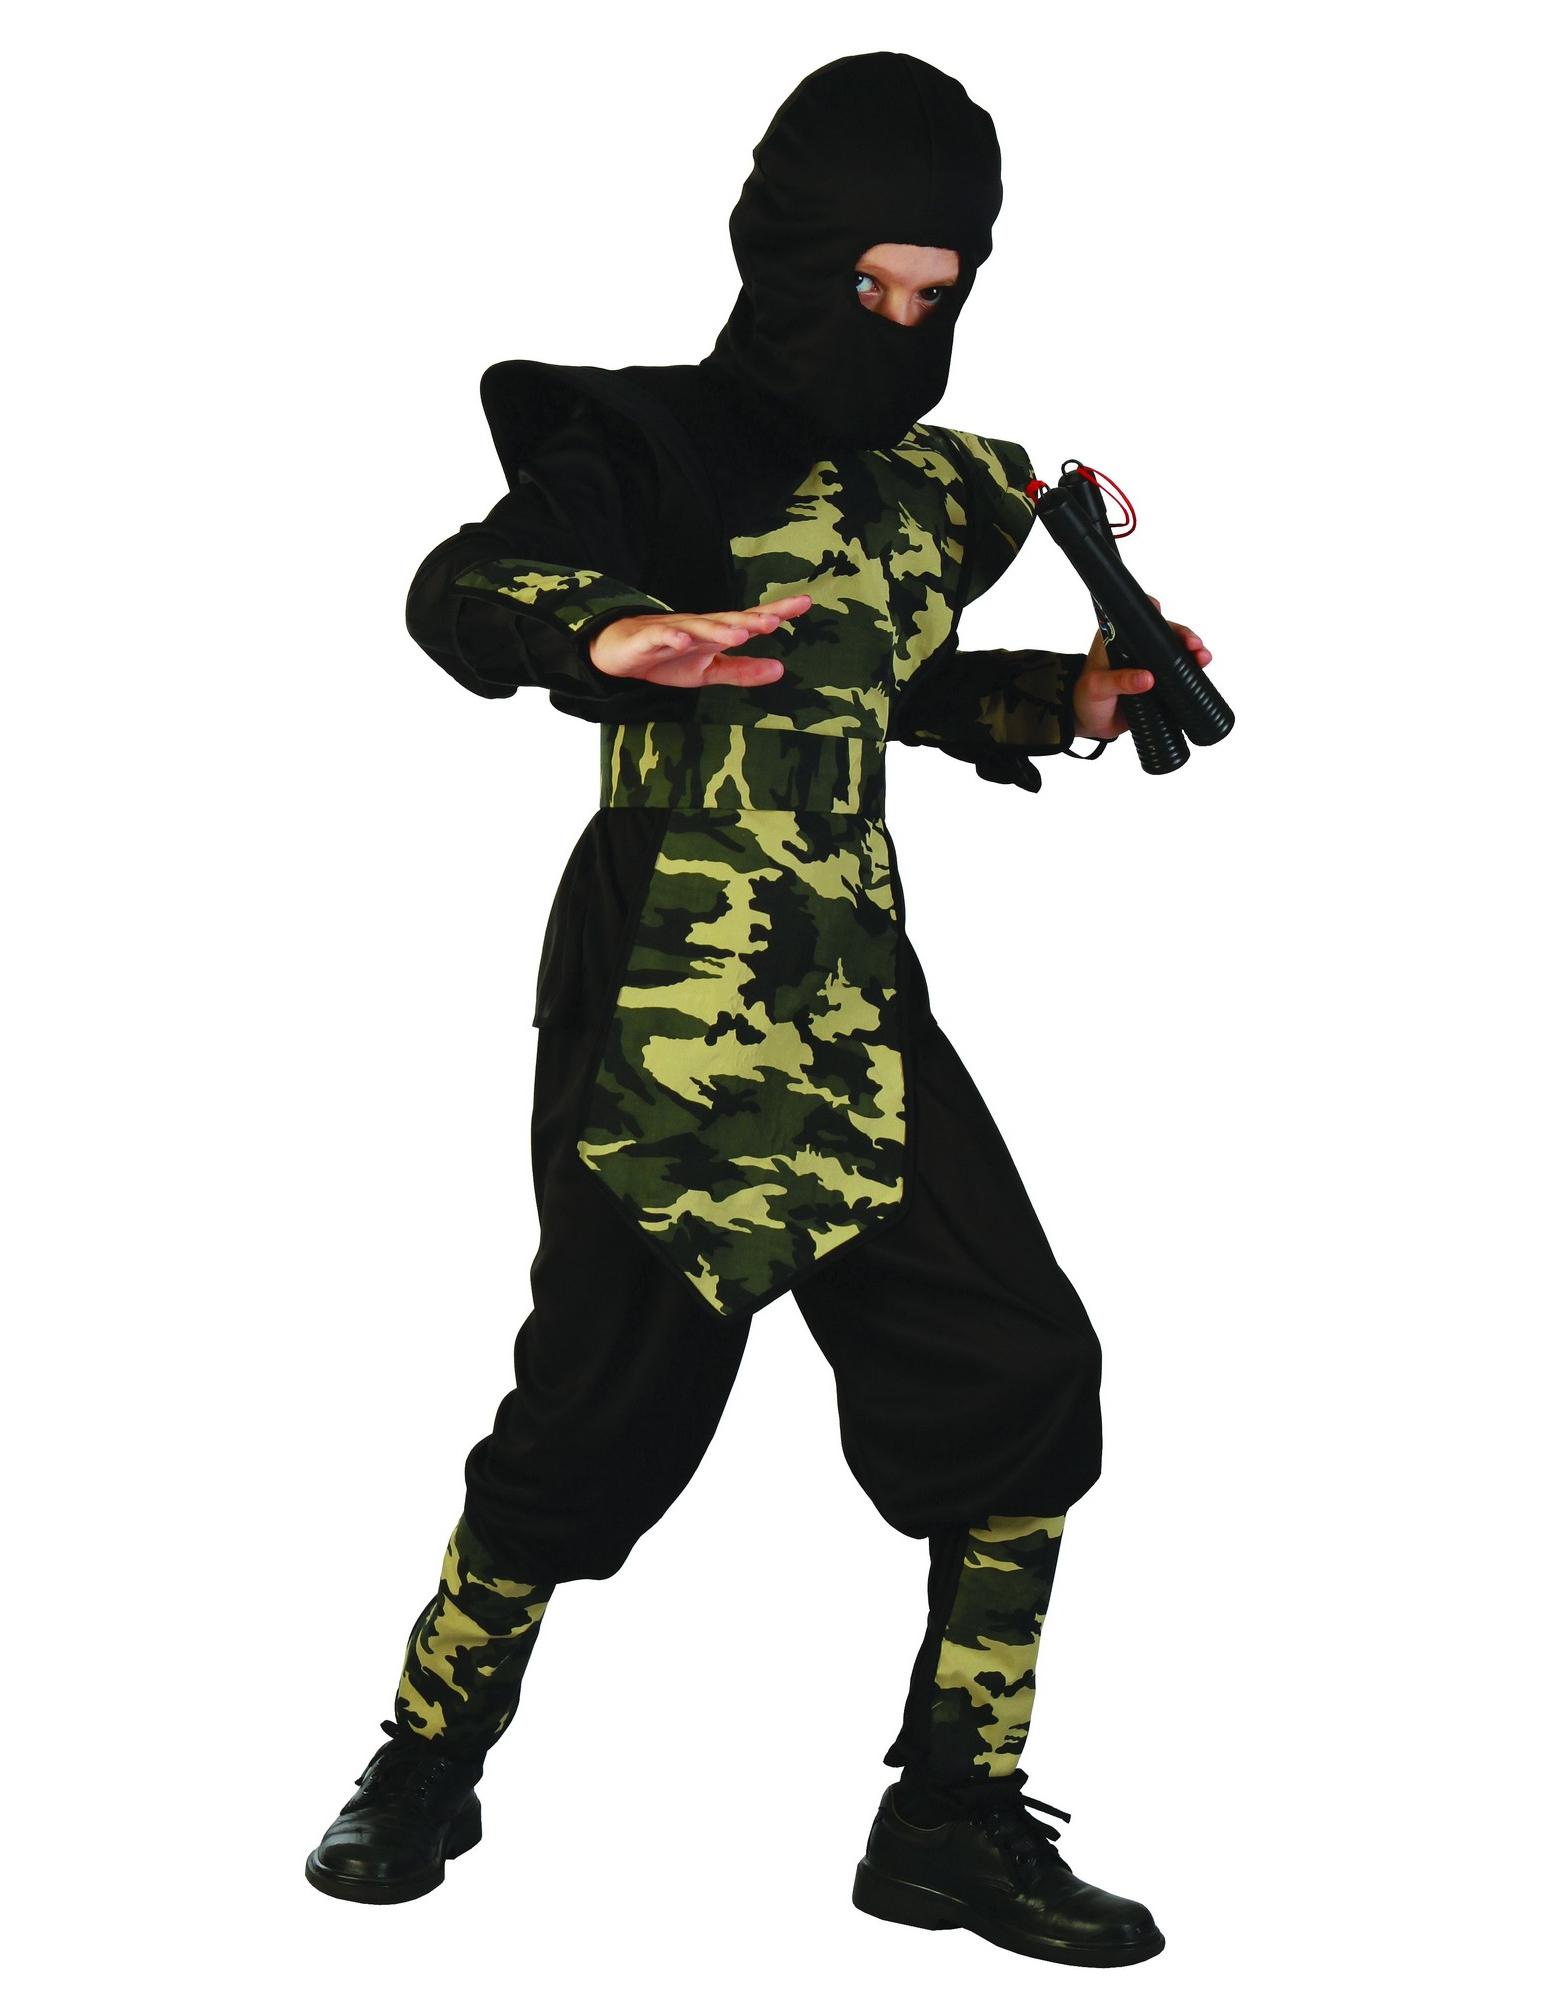 milit r ninja kost m f r jungen kost me f r kinder und g nstige faschingskost me vegaoo. Black Bedroom Furniture Sets. Home Design Ideas